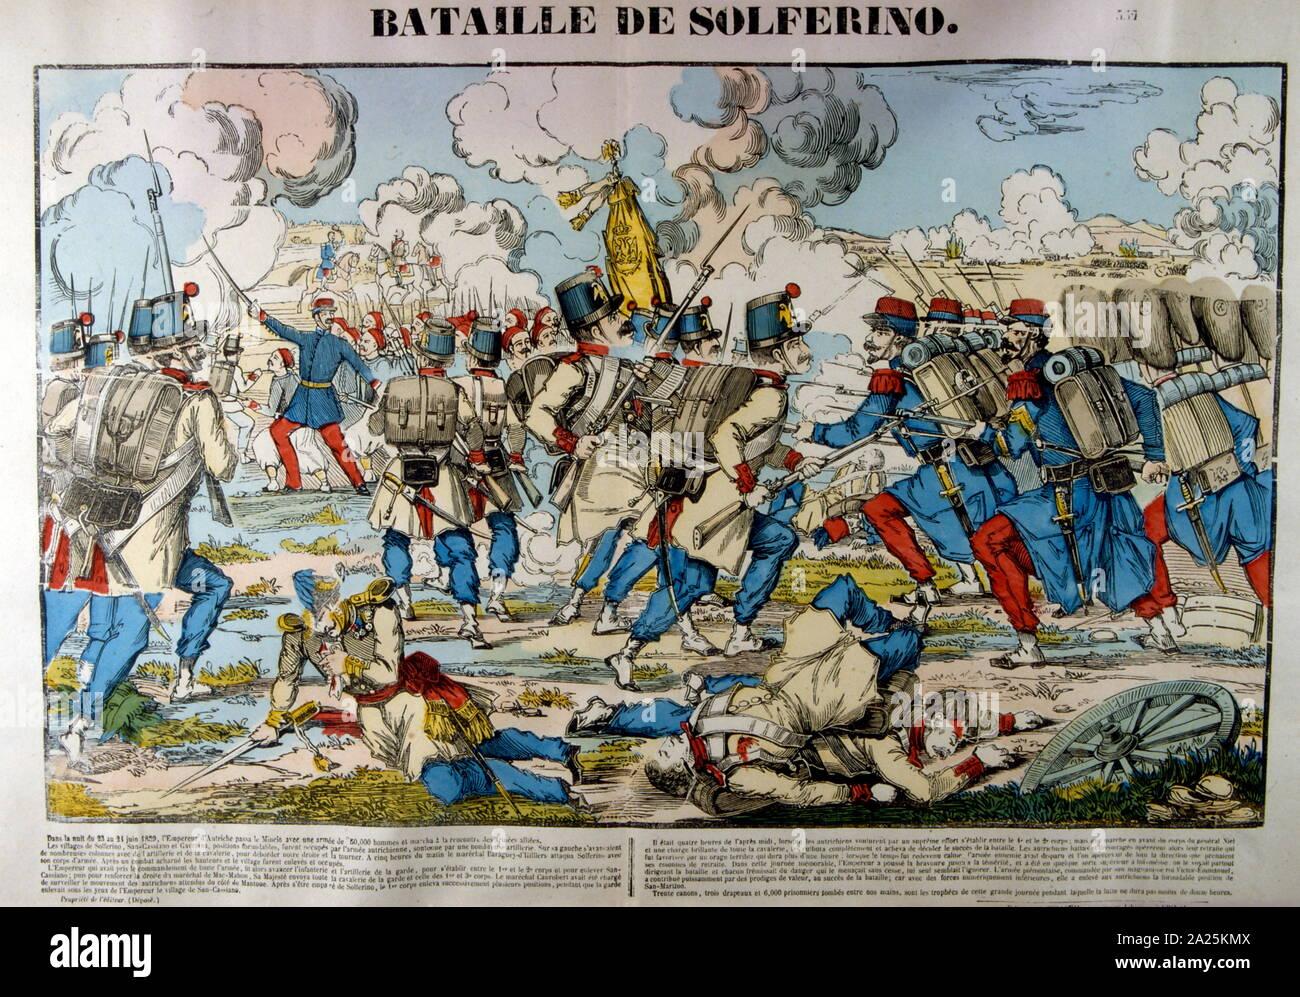 Risorgimento Grandissima Veduta con Napoleone III BATTAGLIA DI SOLFERINO 1859